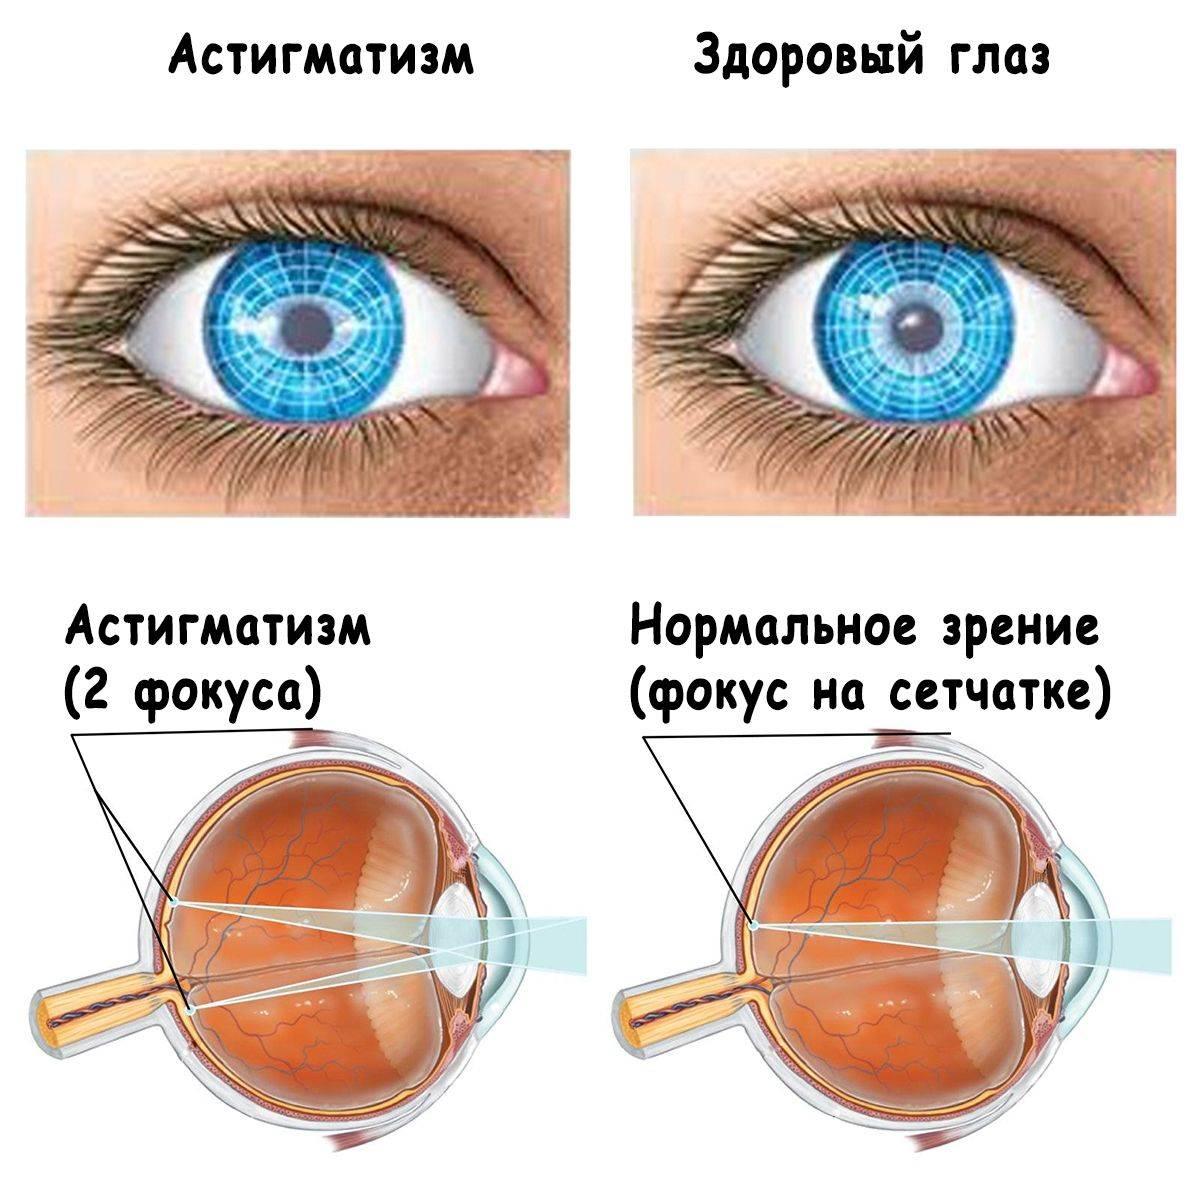 Гиперметропический астигматизм: причины, симптомы, лечение, виды (сложный, простой, прямой, обоих глаз и одного), диагностика, что это такое, профилактика